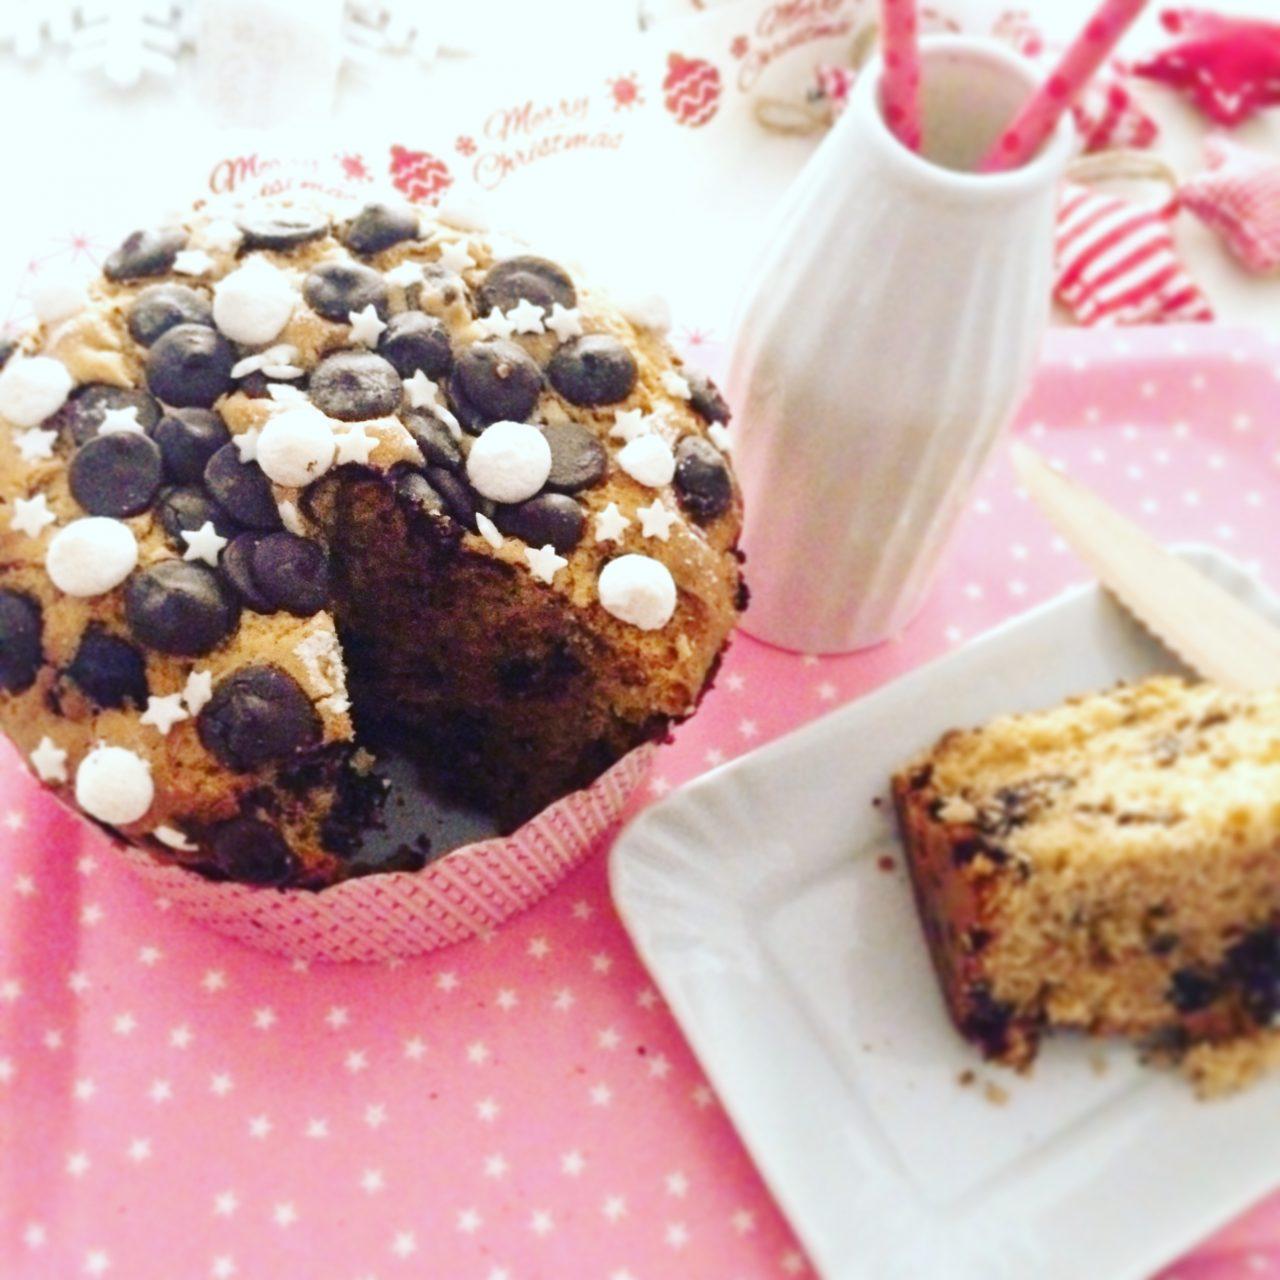 Mega muffin al cioccolato e arancia con fetta tagliata